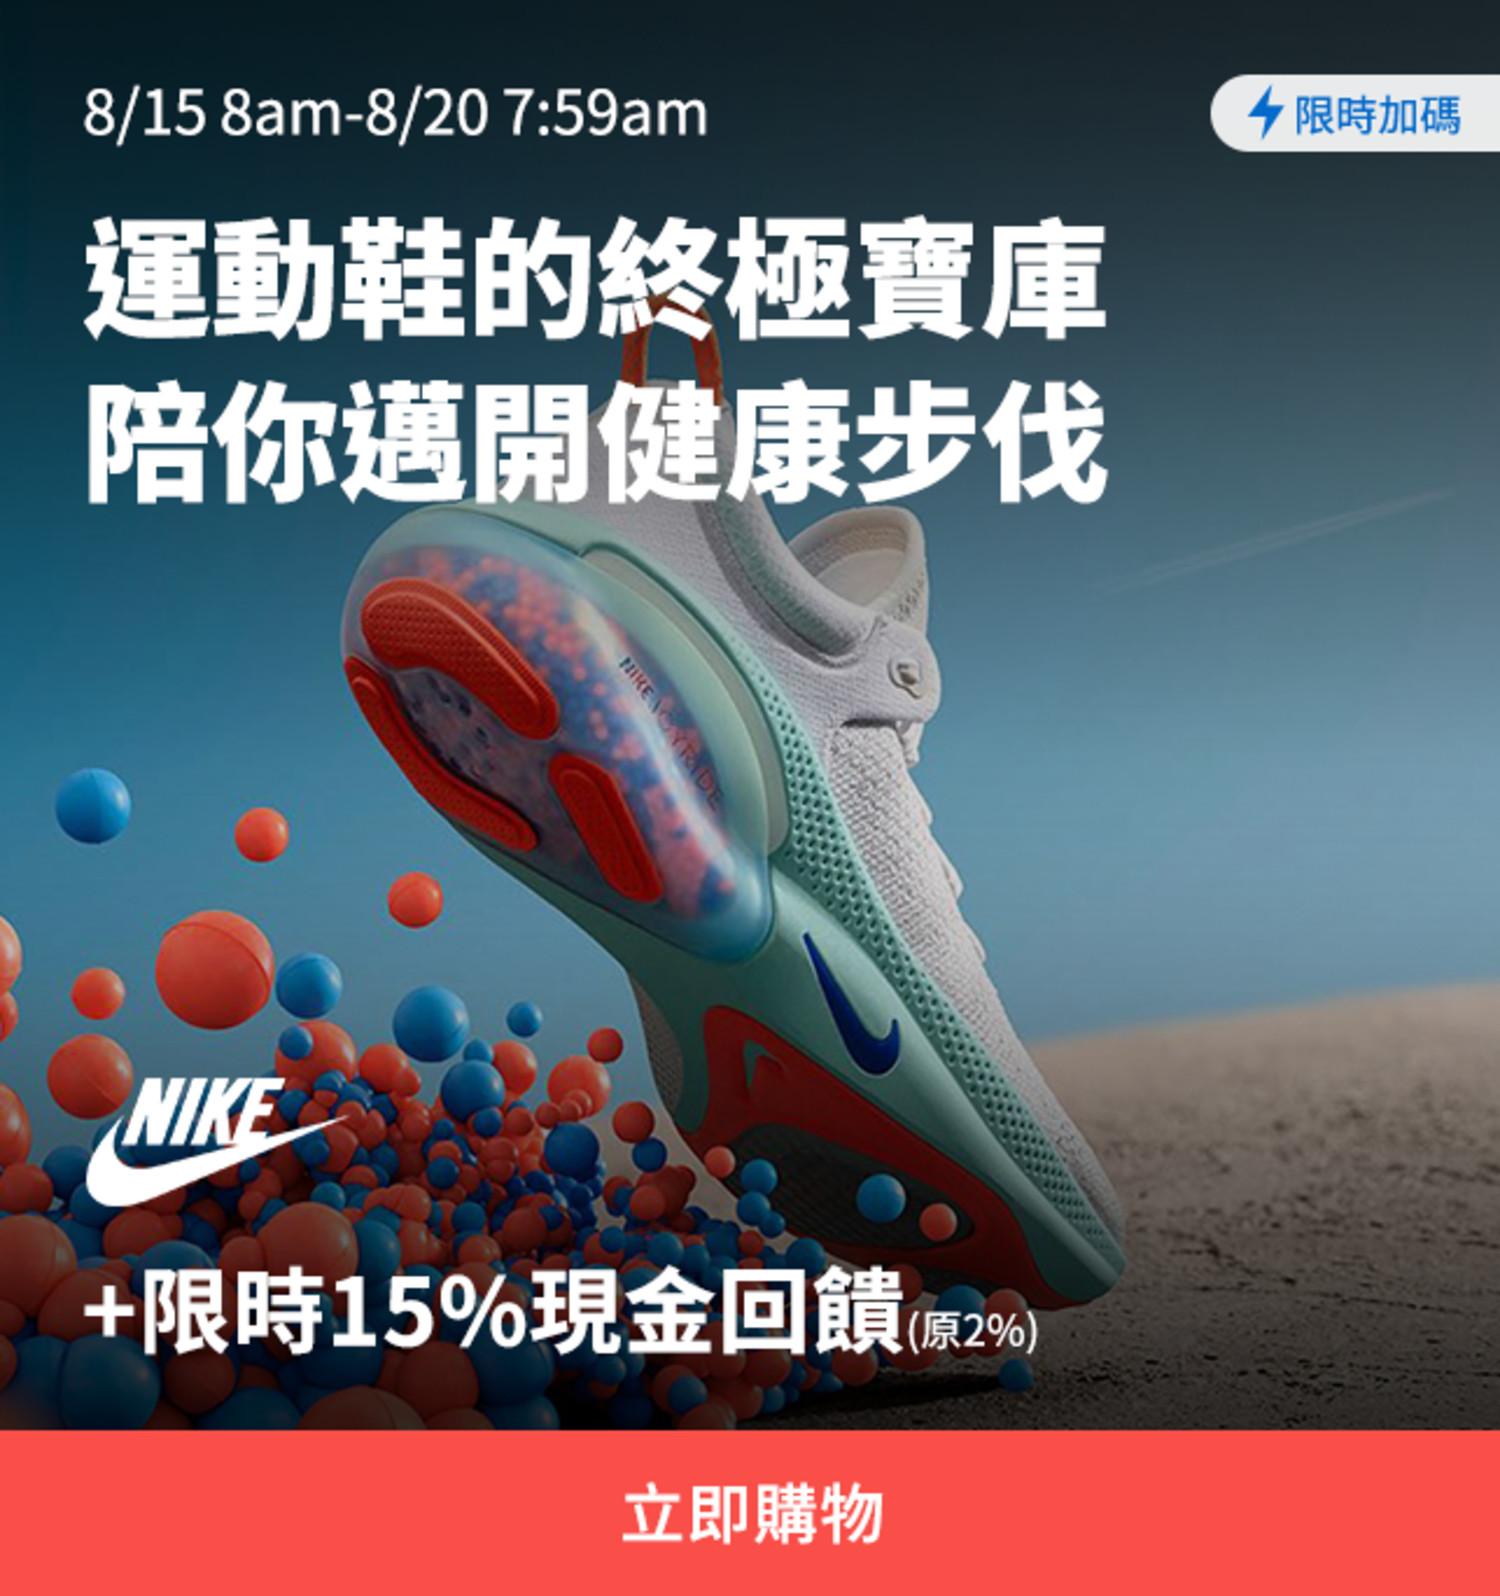 Nike 加碼 8/15 8:00a.m.-8/20 7:59a.m.